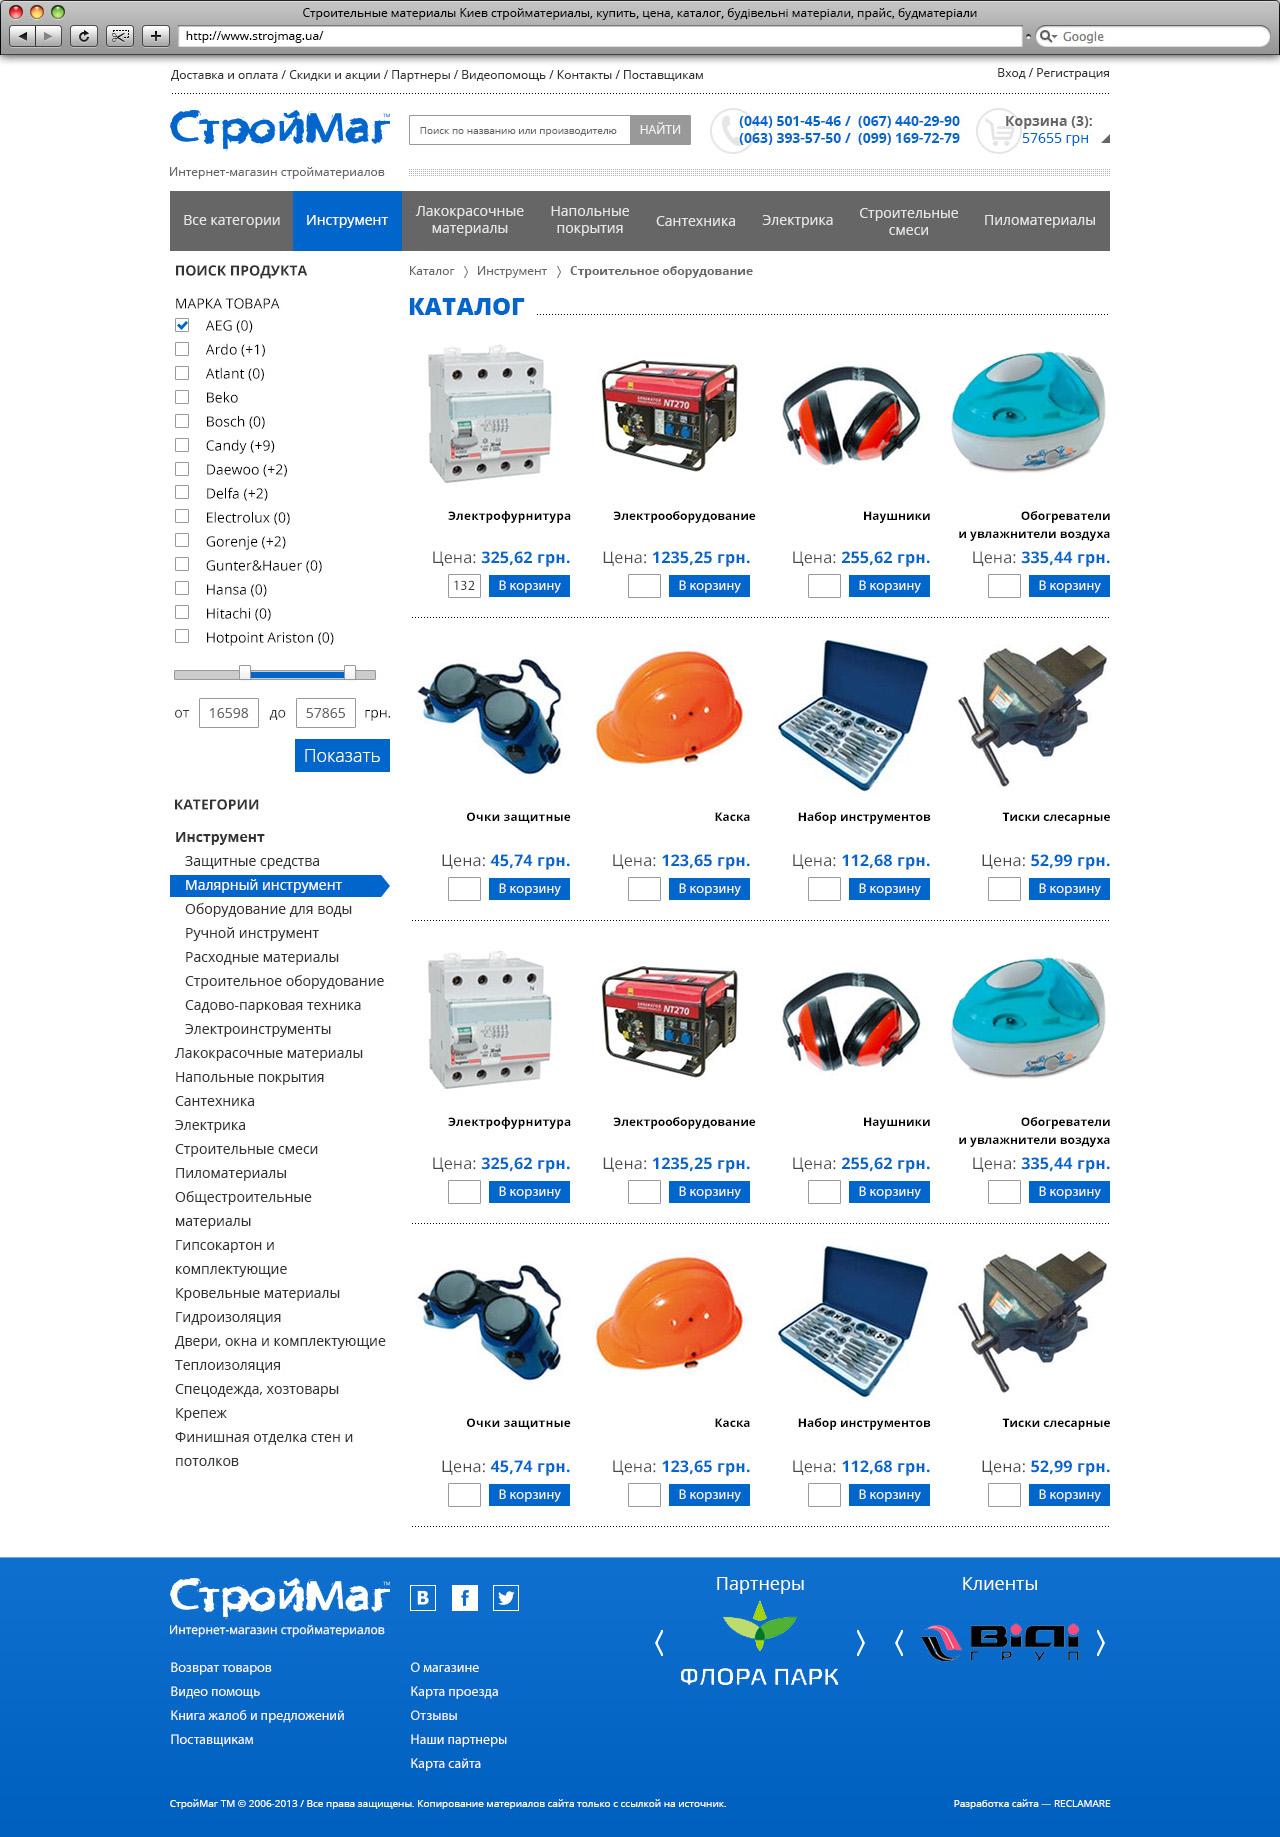 strojmag_catalog